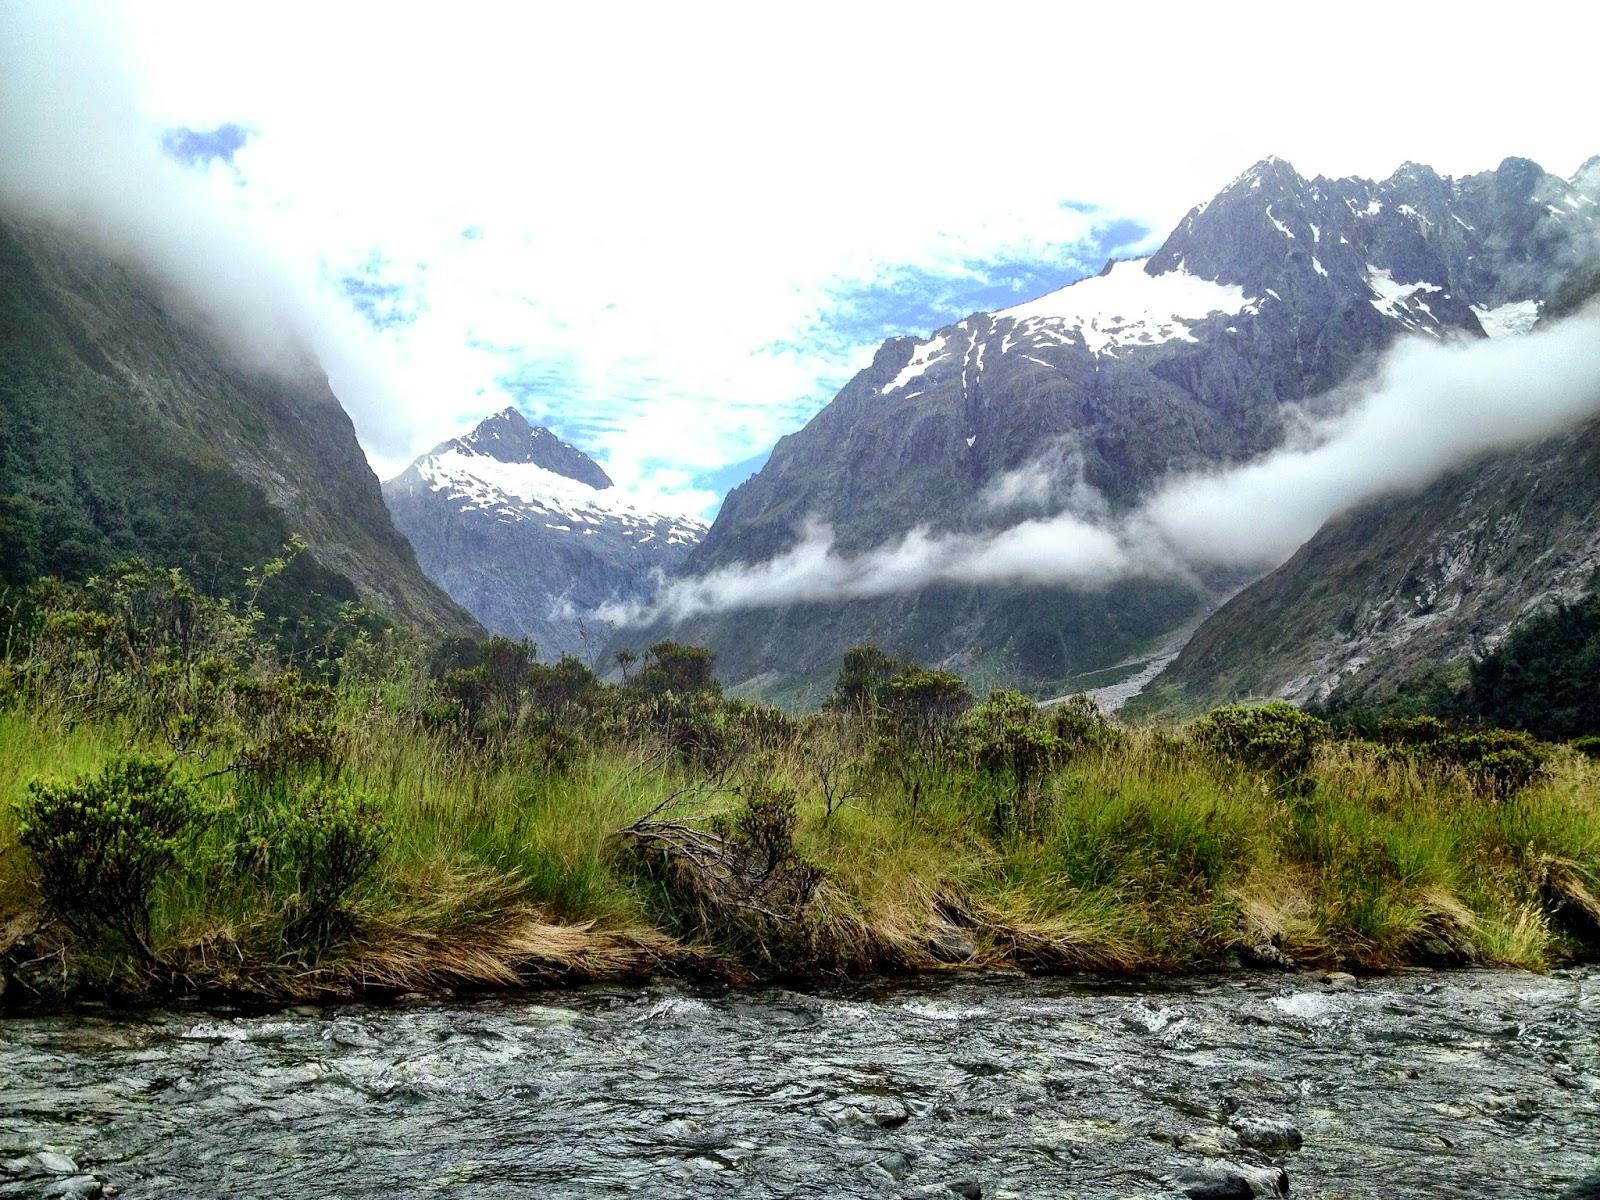 Breathtaking Fjordland National Park, South Island, New Zealand